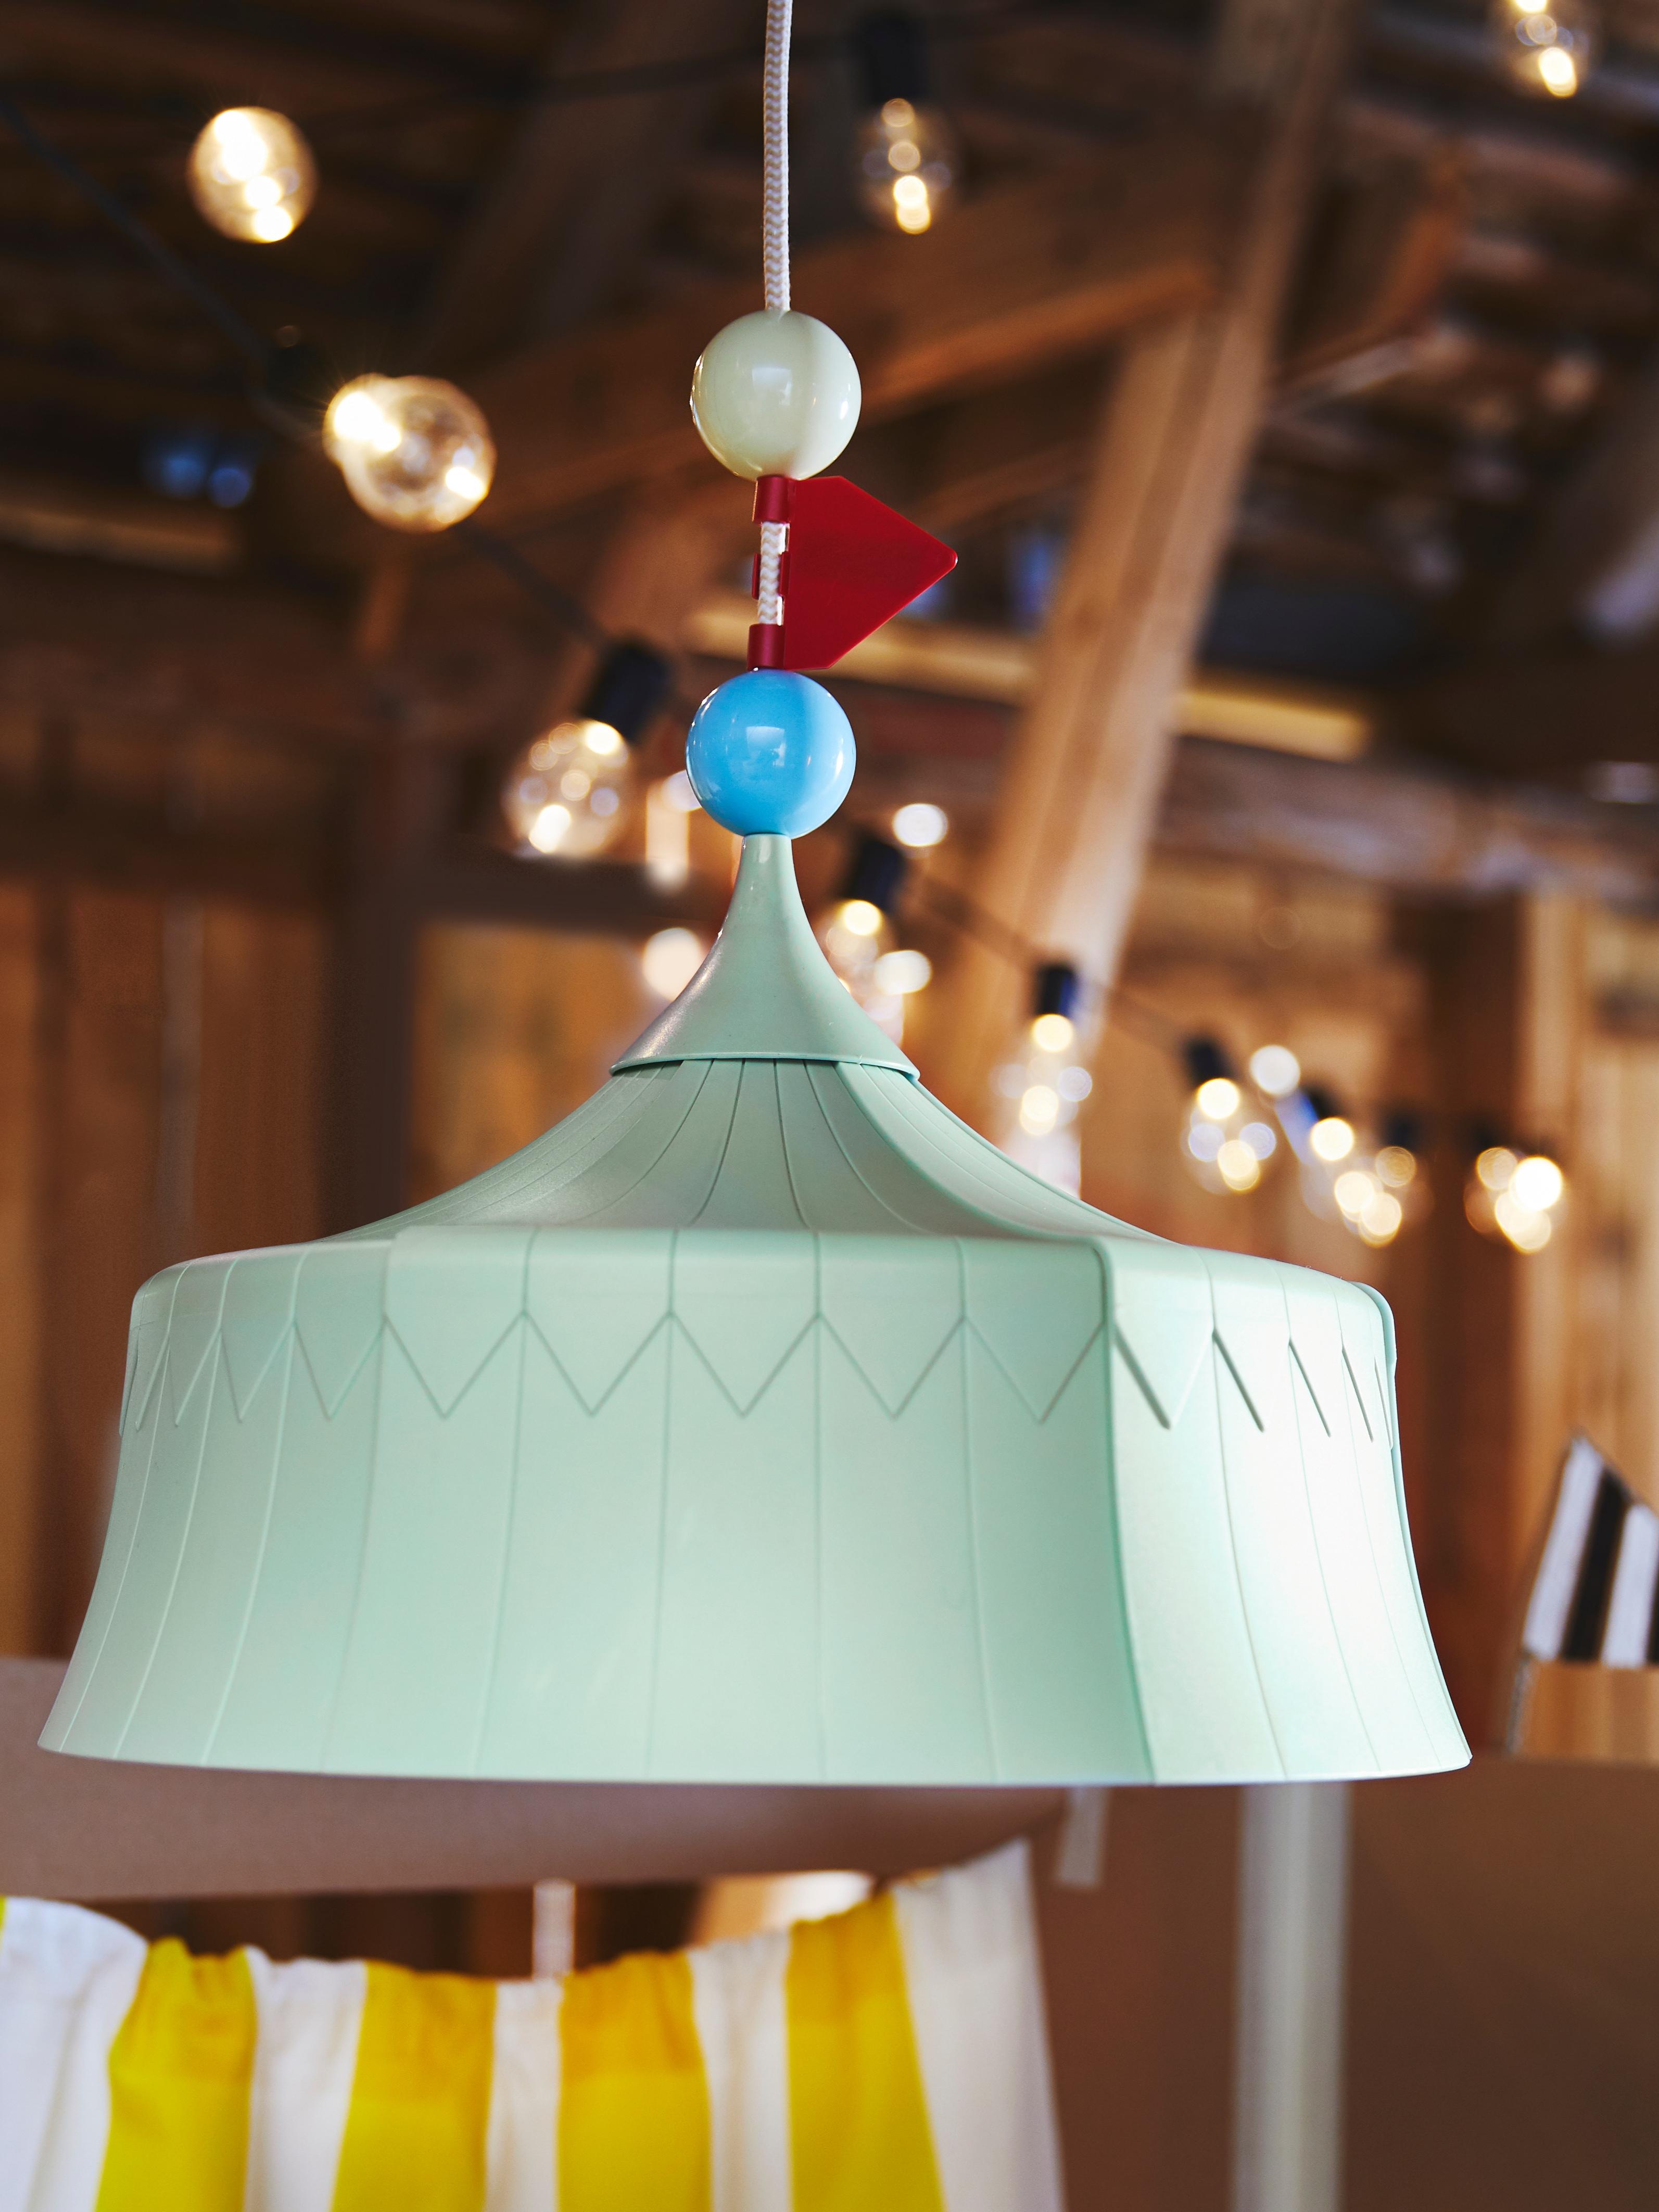 Krupni plan TROLLBO visilice prikazuje svijetlozelenu lampu u obliku cirkuskog šatora i dekoracija na kablu u obliku kugli i zastava.